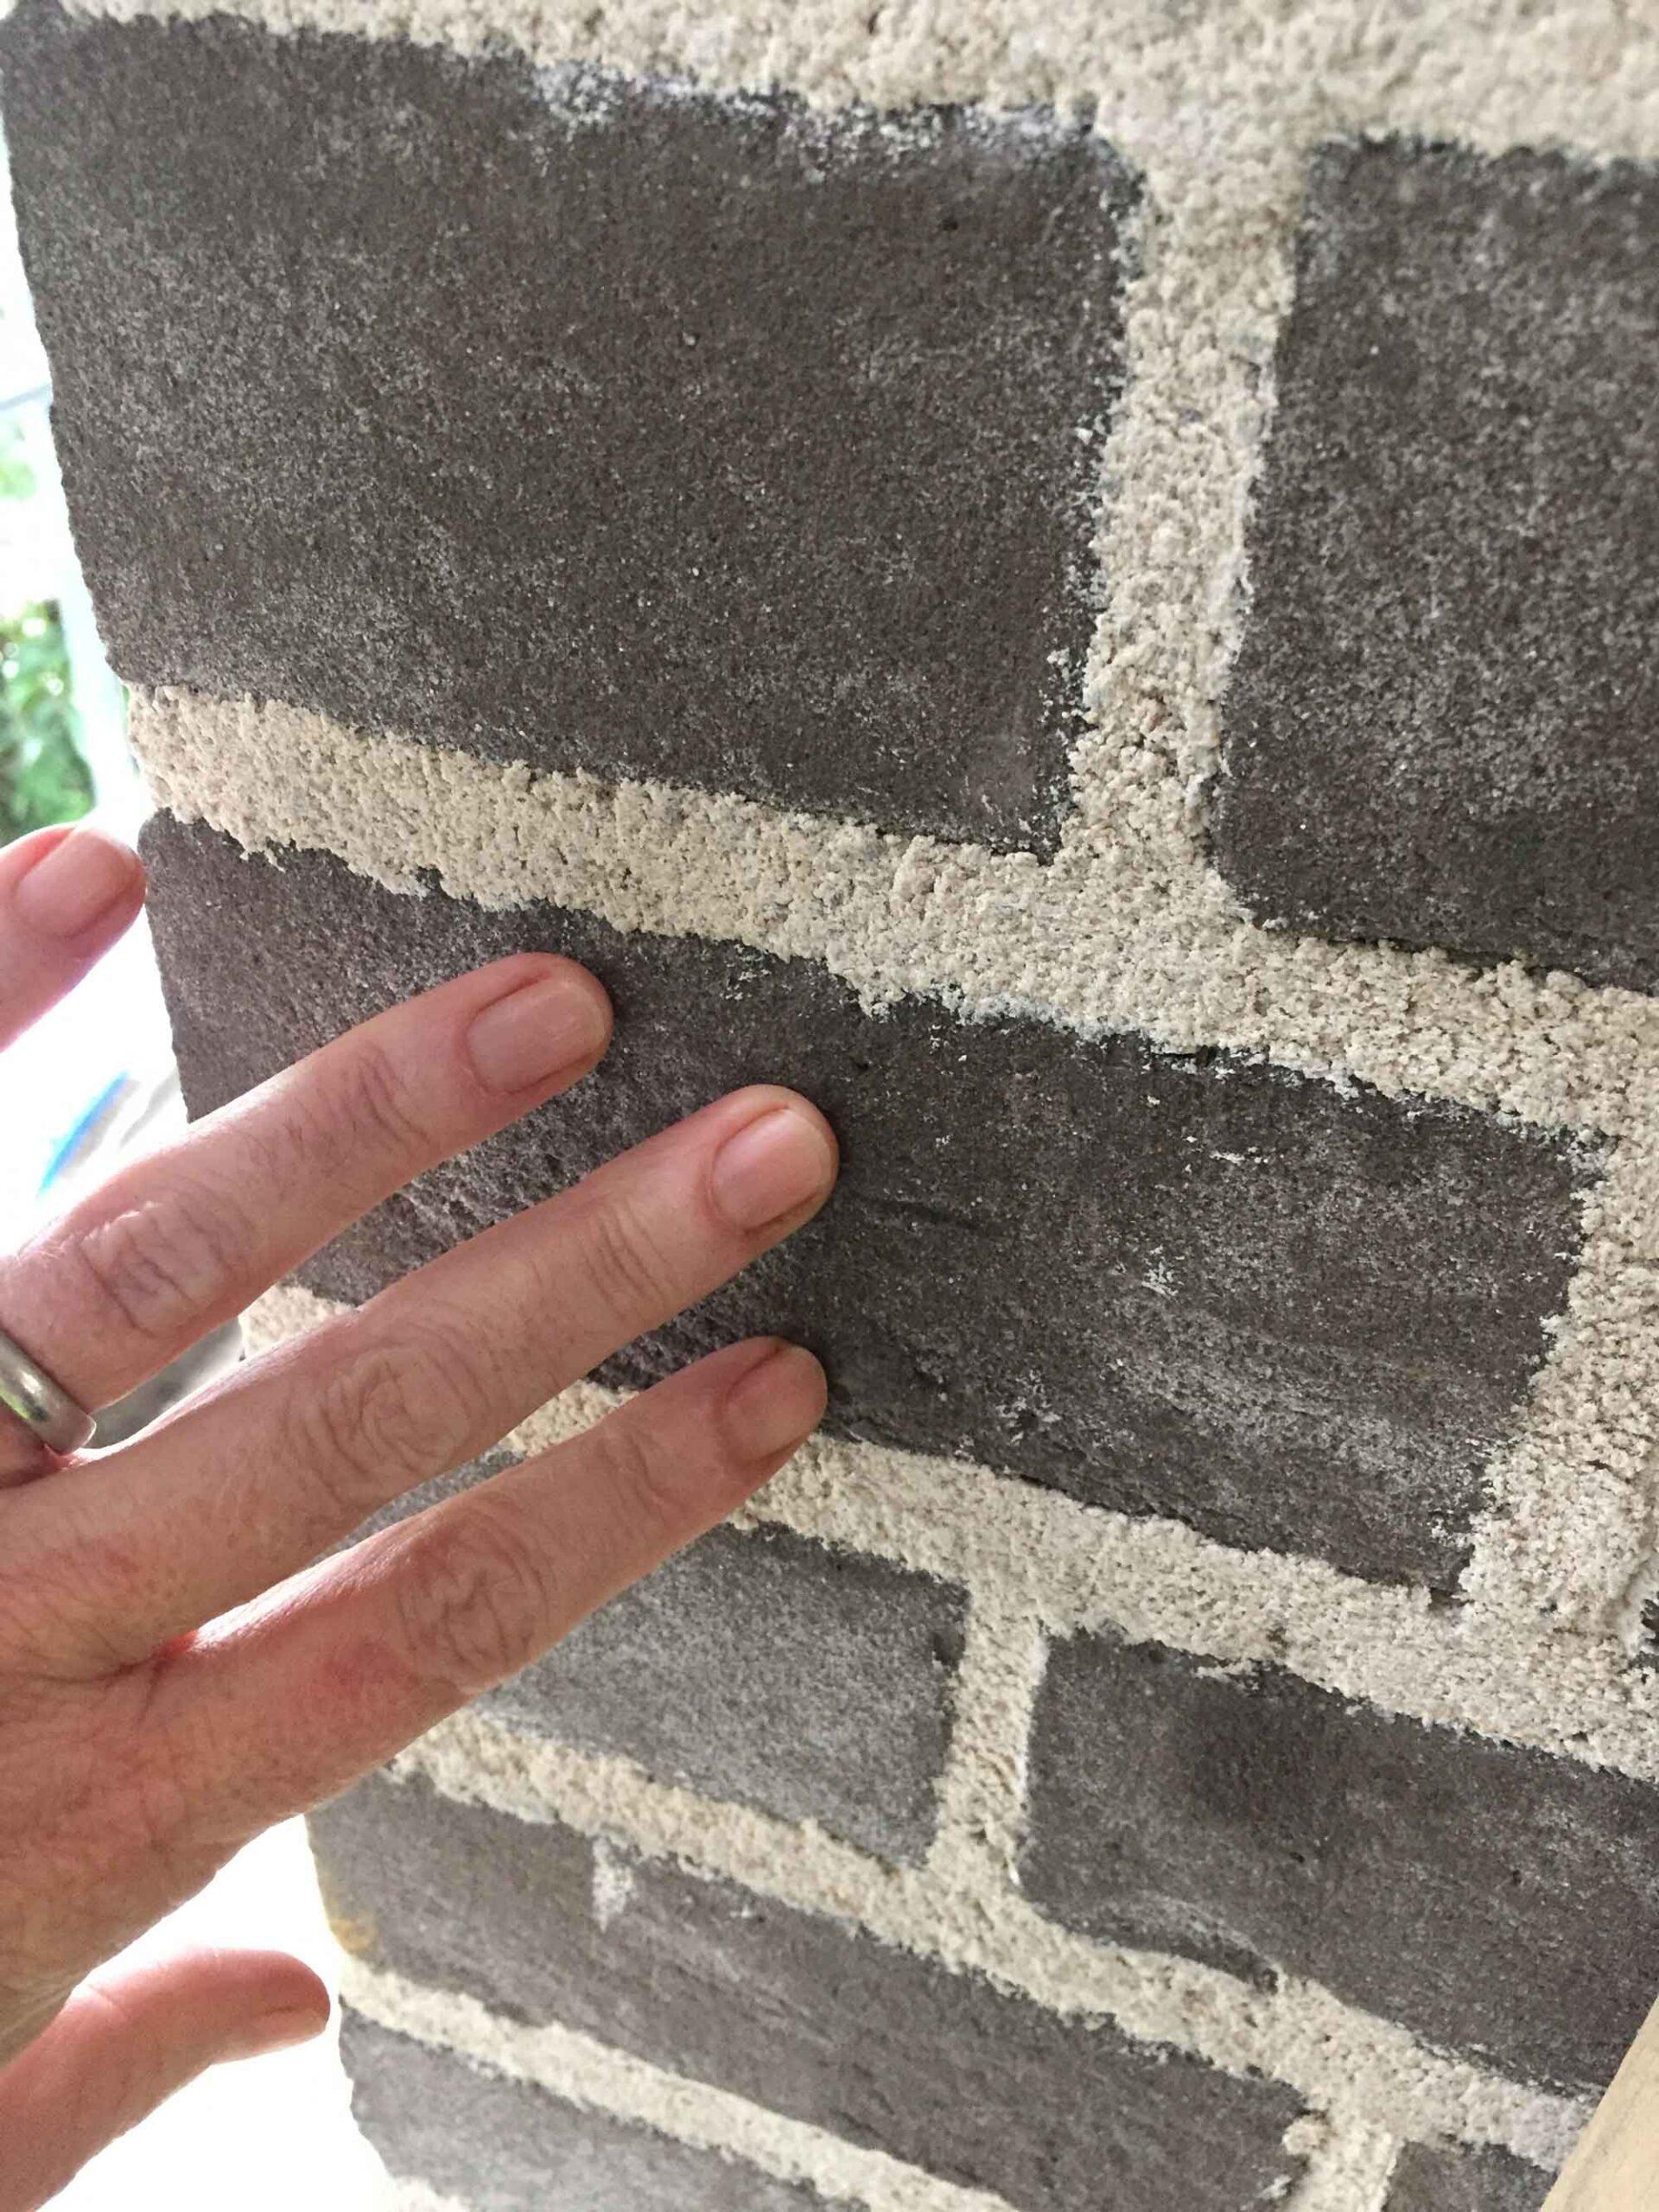 kensington-house-openstudio-architects-brick-details